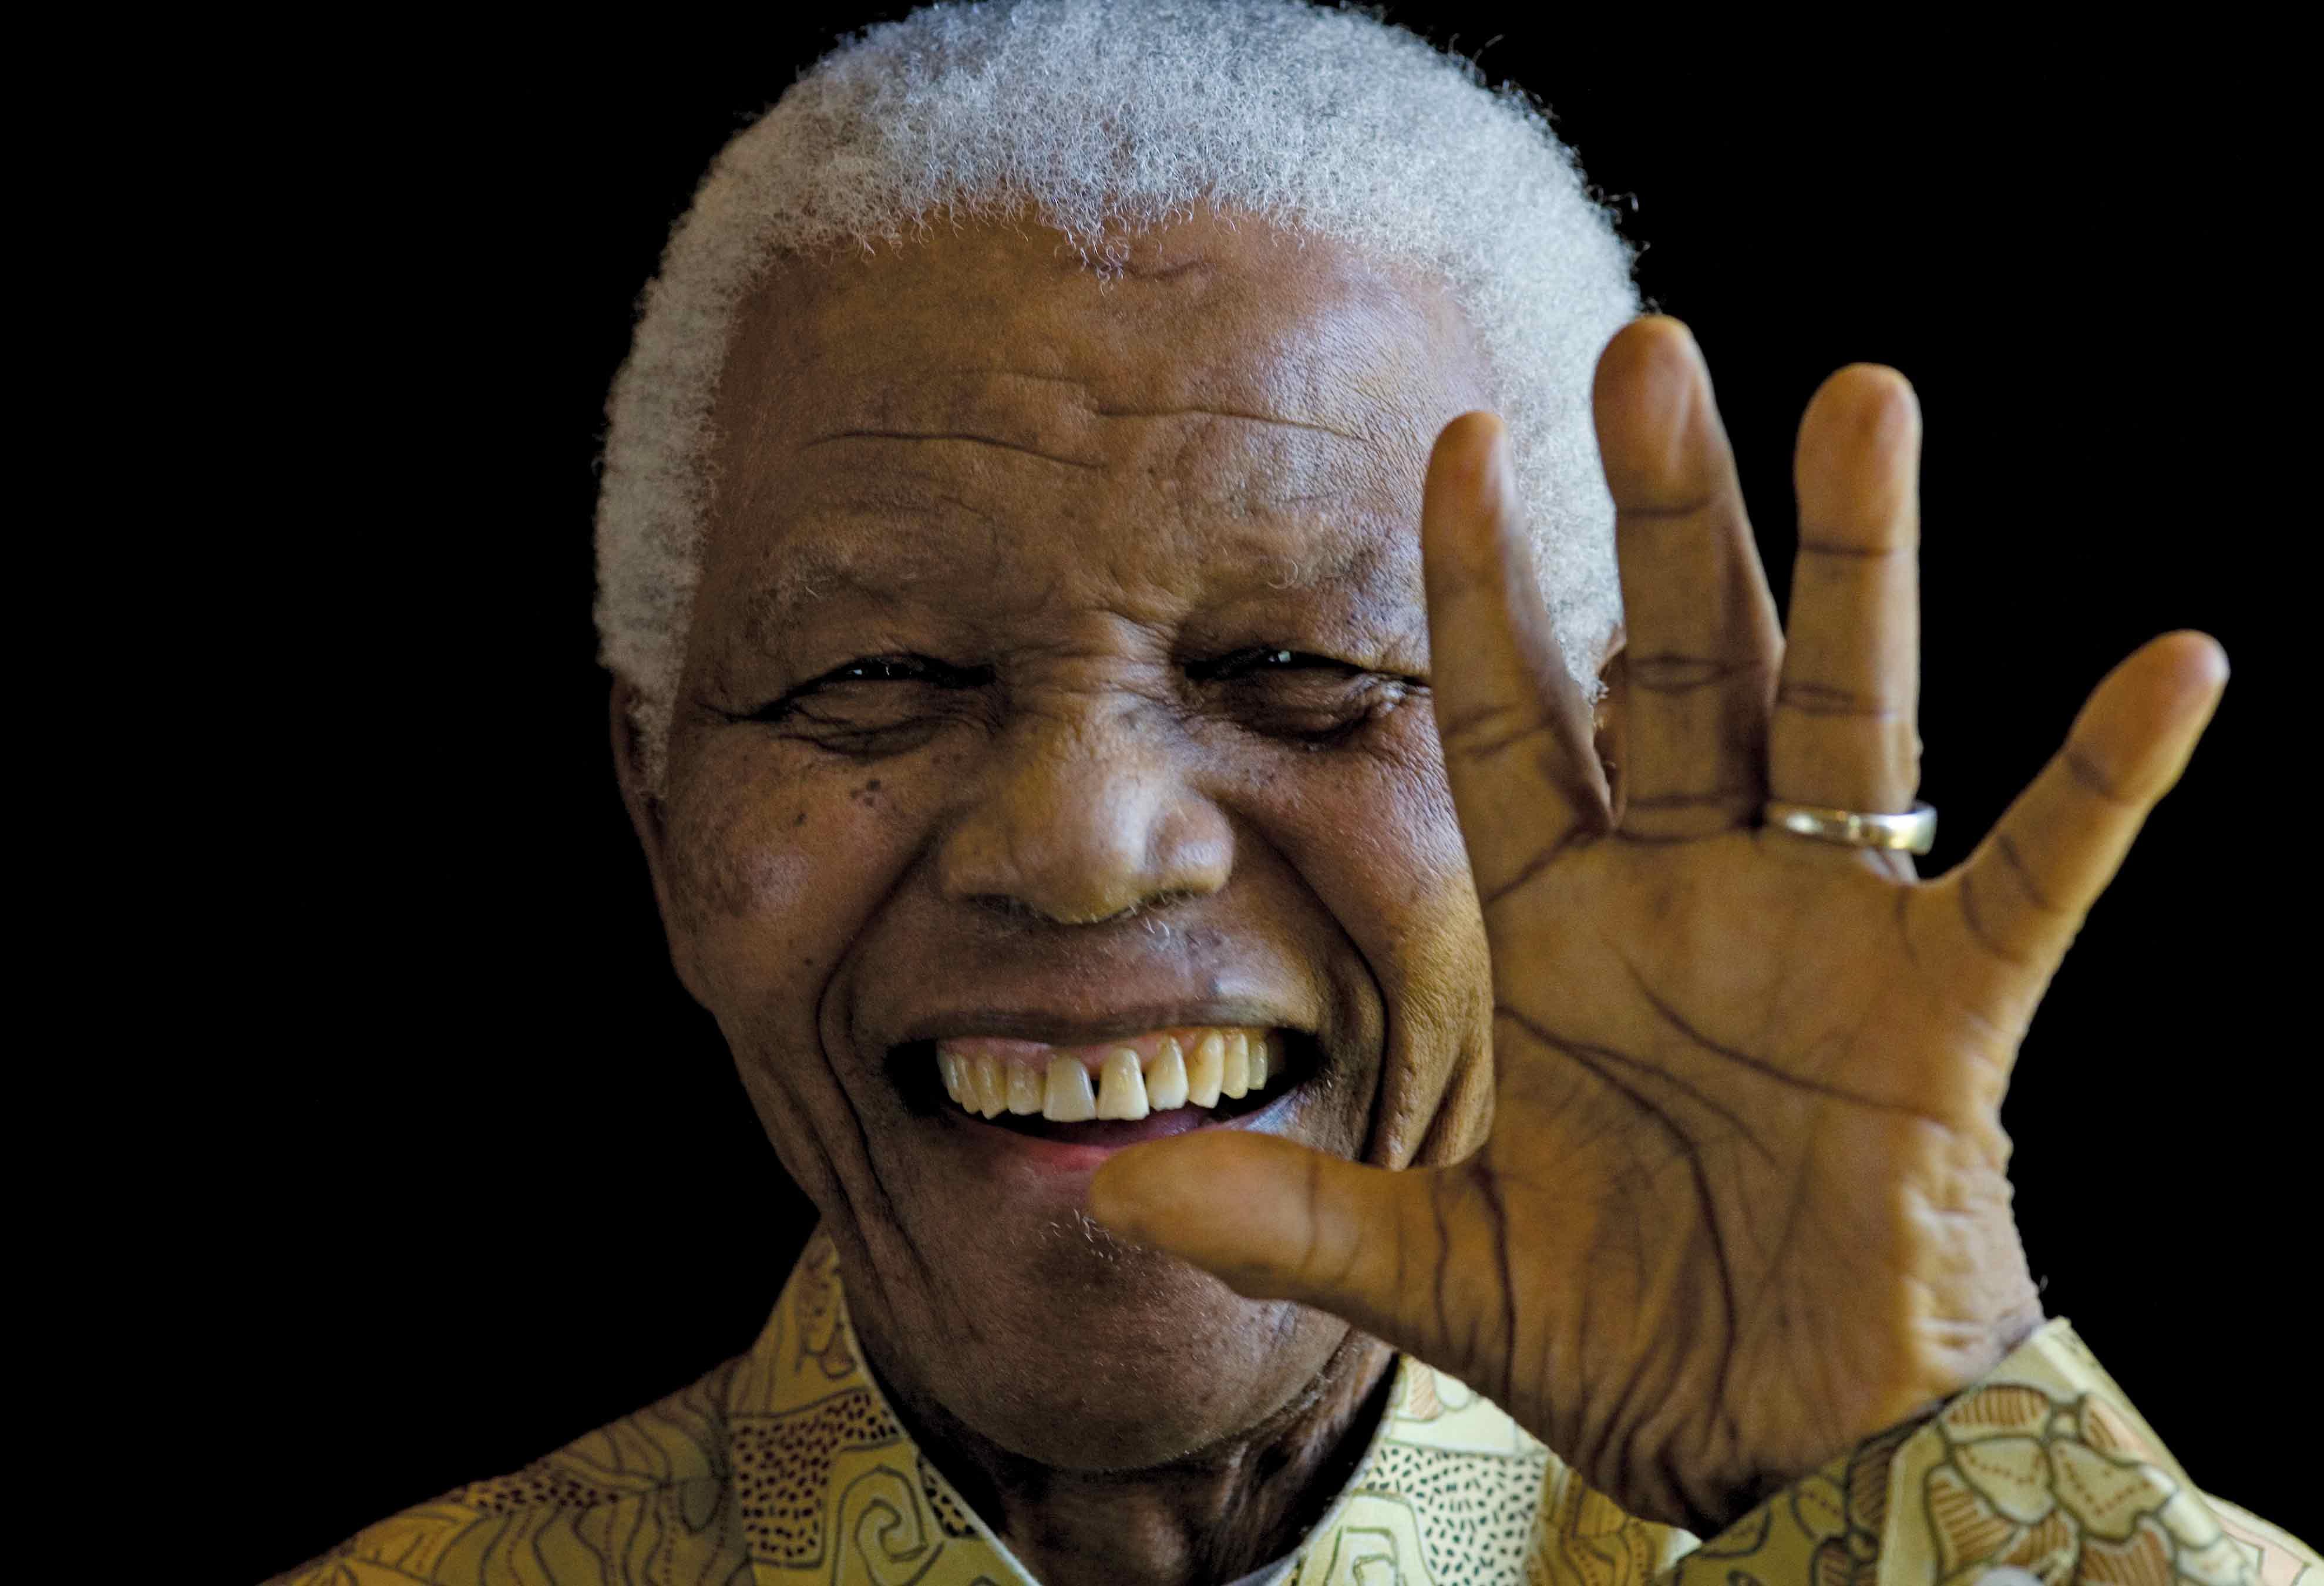 100 años del nacimiento de Nelson Mandela © Fundación Nelson Mandela/Matthew Willman